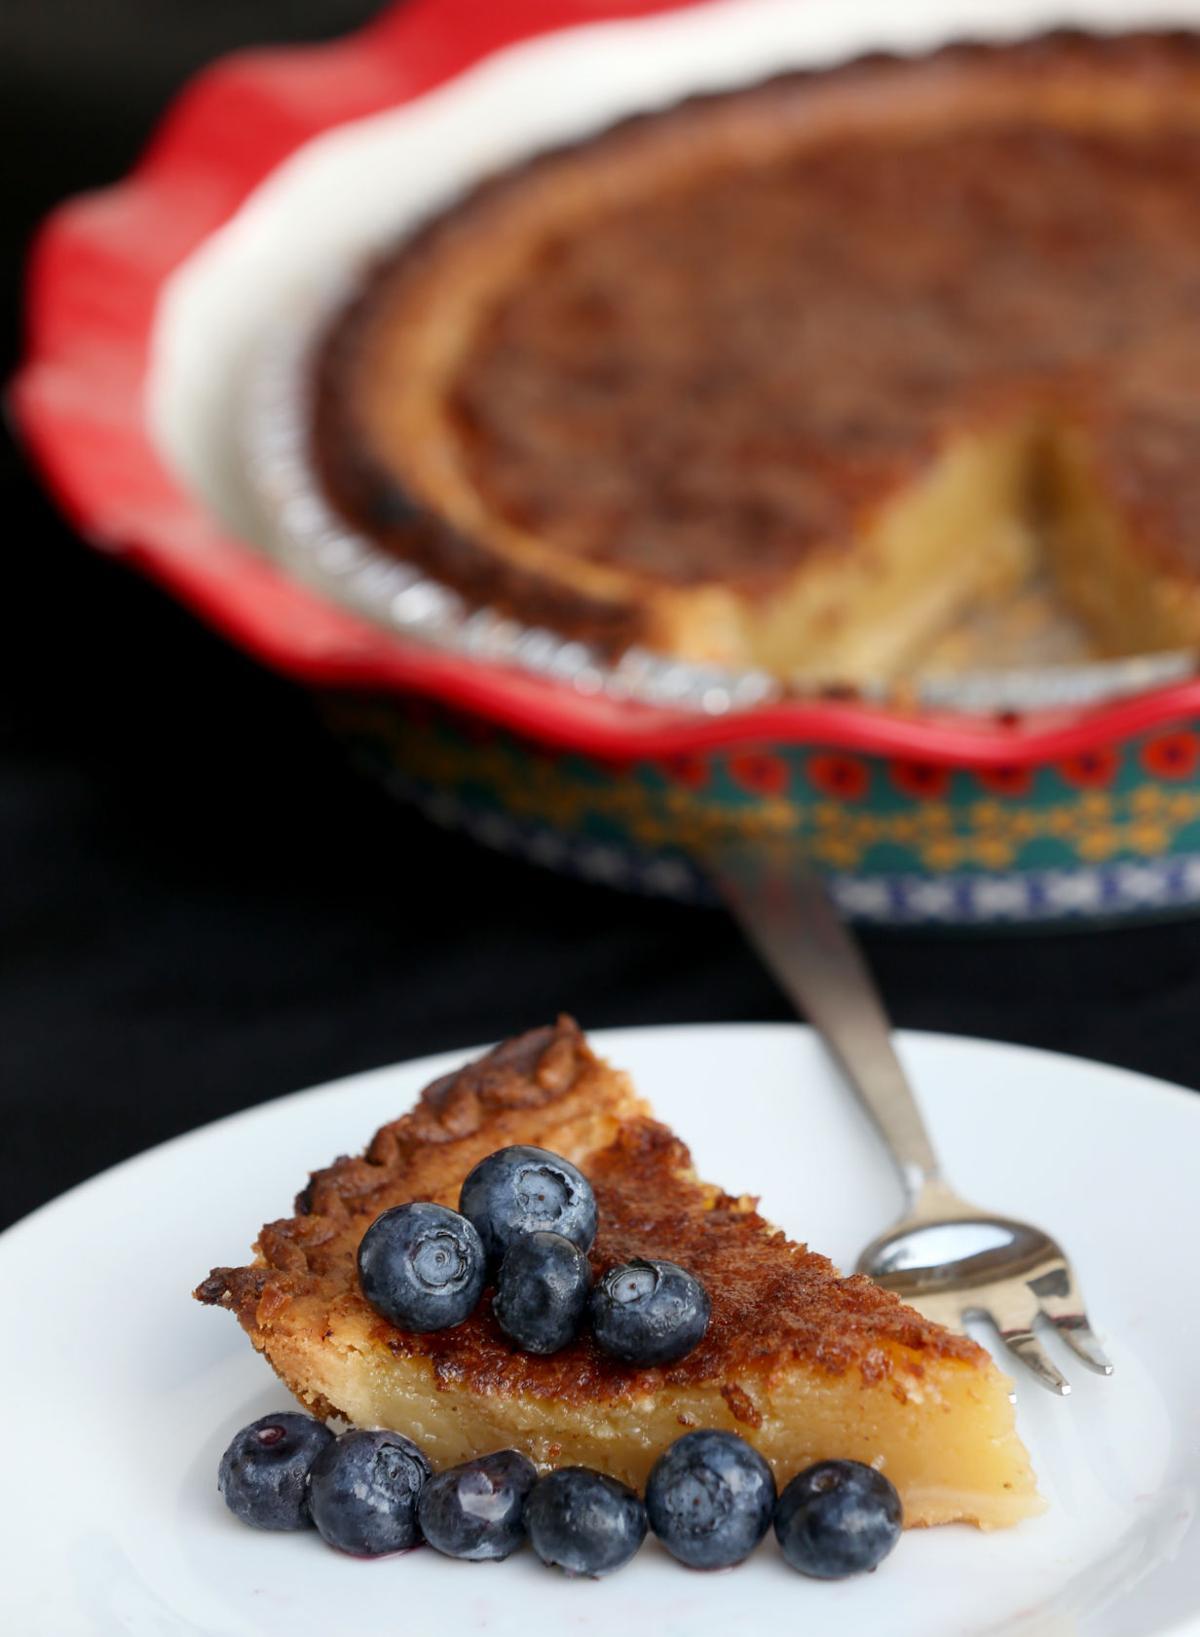 Desserts with vinegar